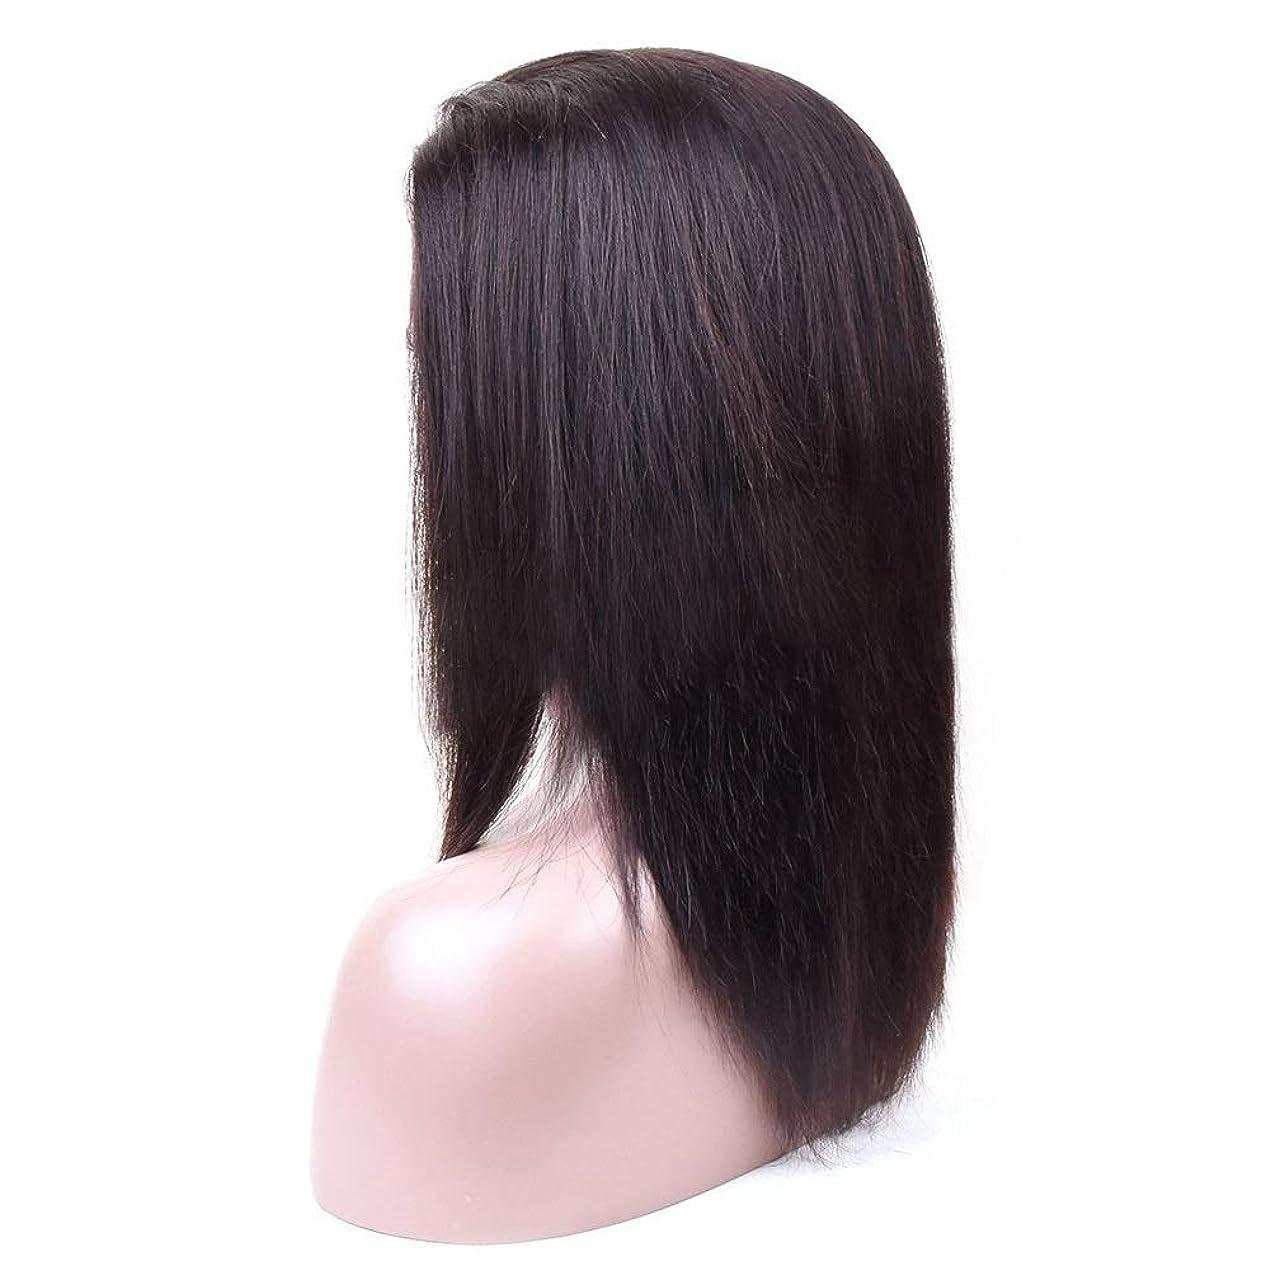 補助起きて陸軍WASAIO ブラジルのレースフロントかつらバージン人間の髪の毛のグルーレス360レース前頭人間の髪の毛のかつら (色 : 黒, サイズ : 20 inch)